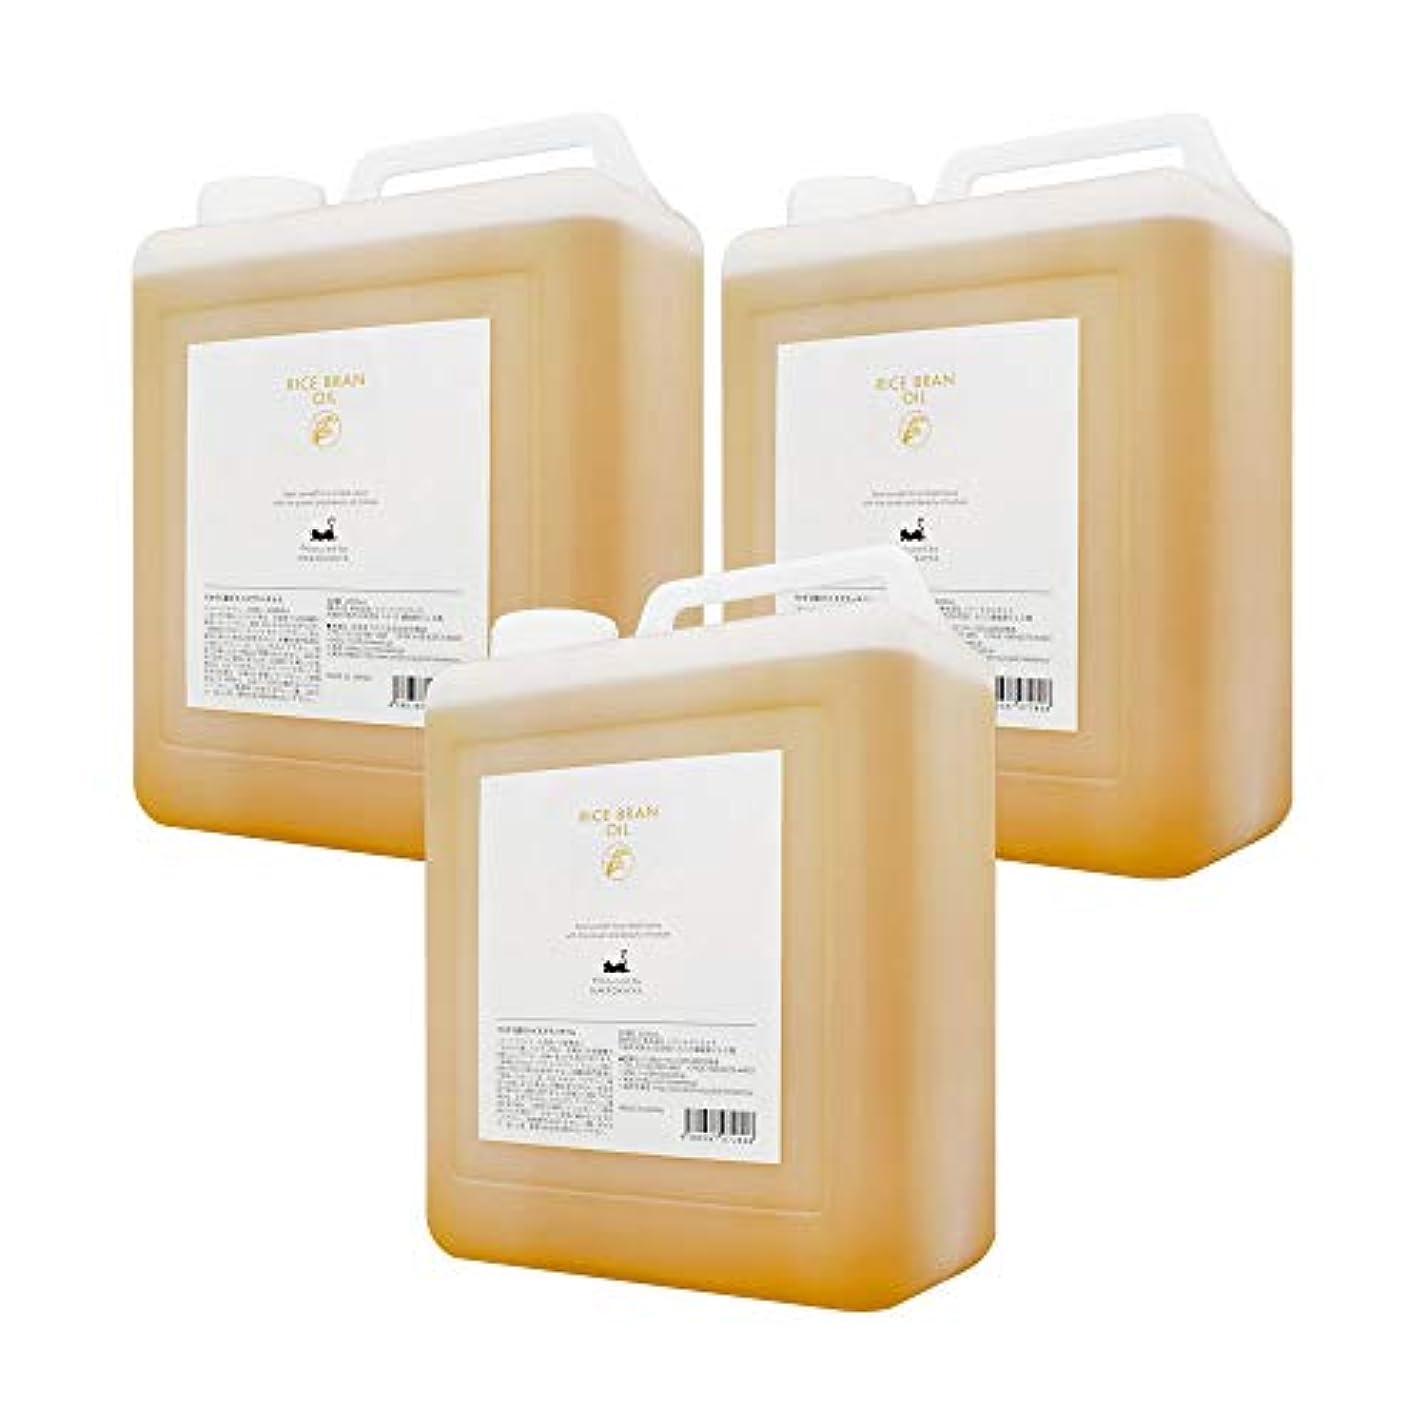 動的きょうだいしおれたライスブランオイル3000ml×3本 (米油 米ぬか油 ライスオイル/コック付) 高級サロン仕様 マッサージオイル キャリアオイル (フェイス/ボディ用) 業務用?大容量